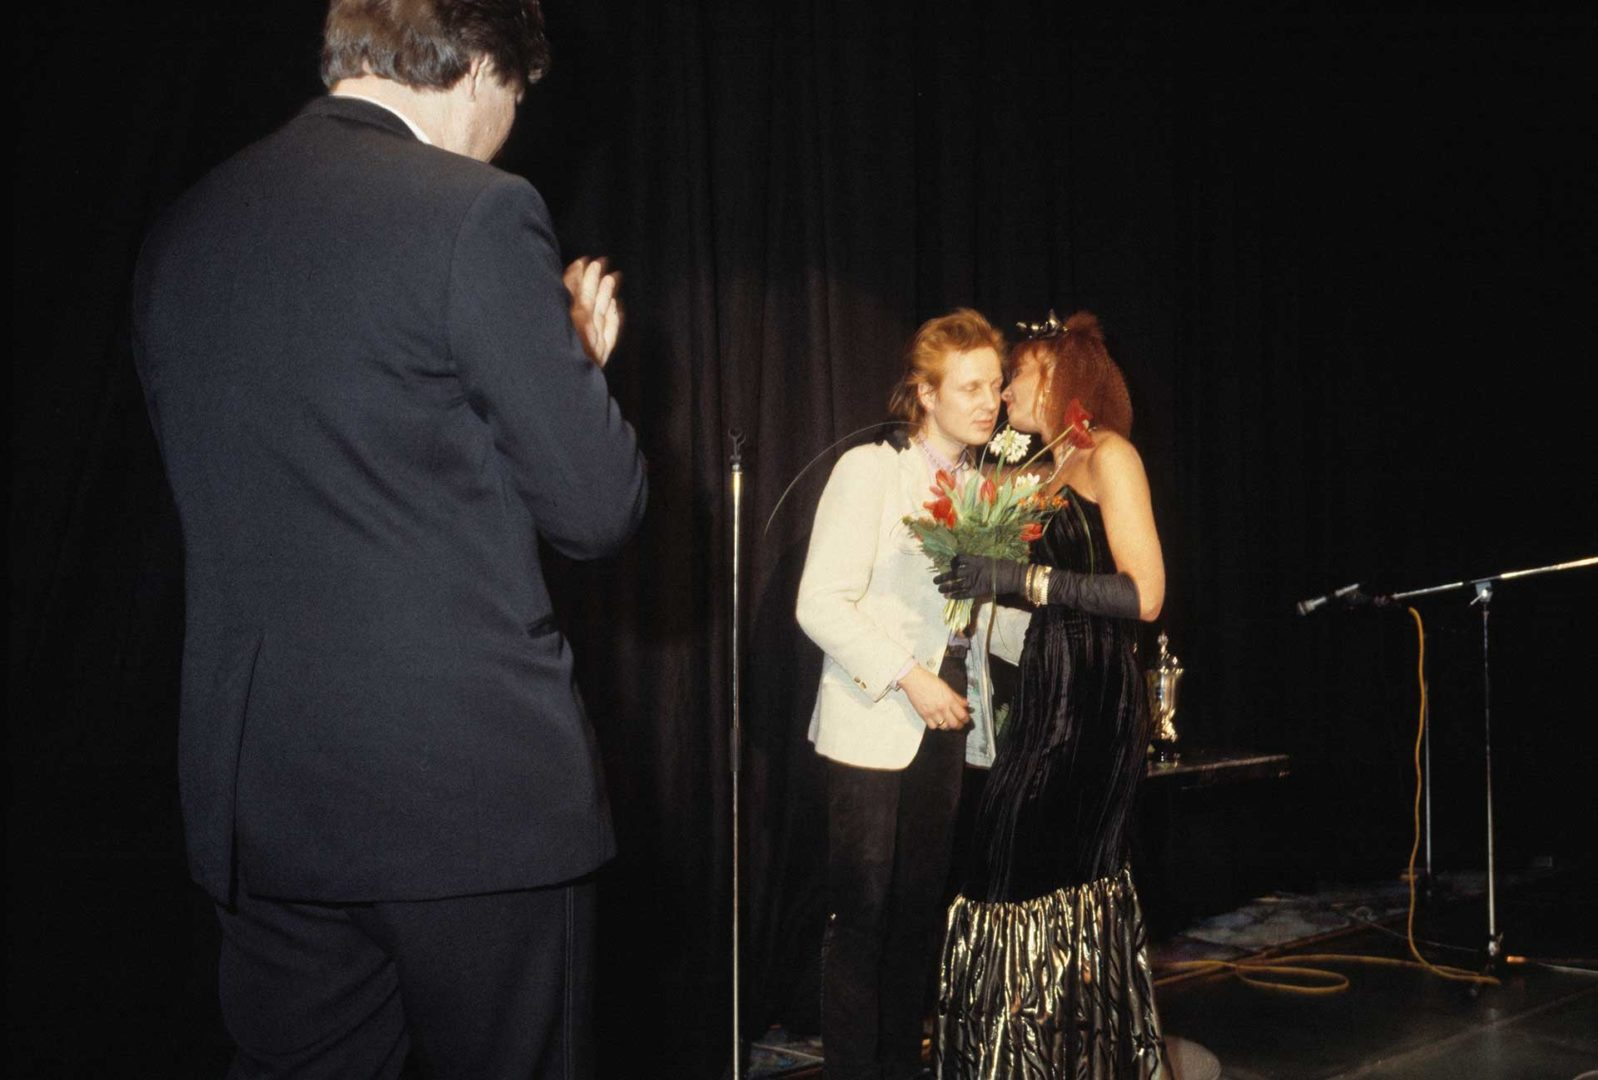 Vuonna 1987 Pave Maijanen julkaisi kaksi albumia. Kuvassa hän vastaanottaa vuoden viihdyttäjän palkintoa.